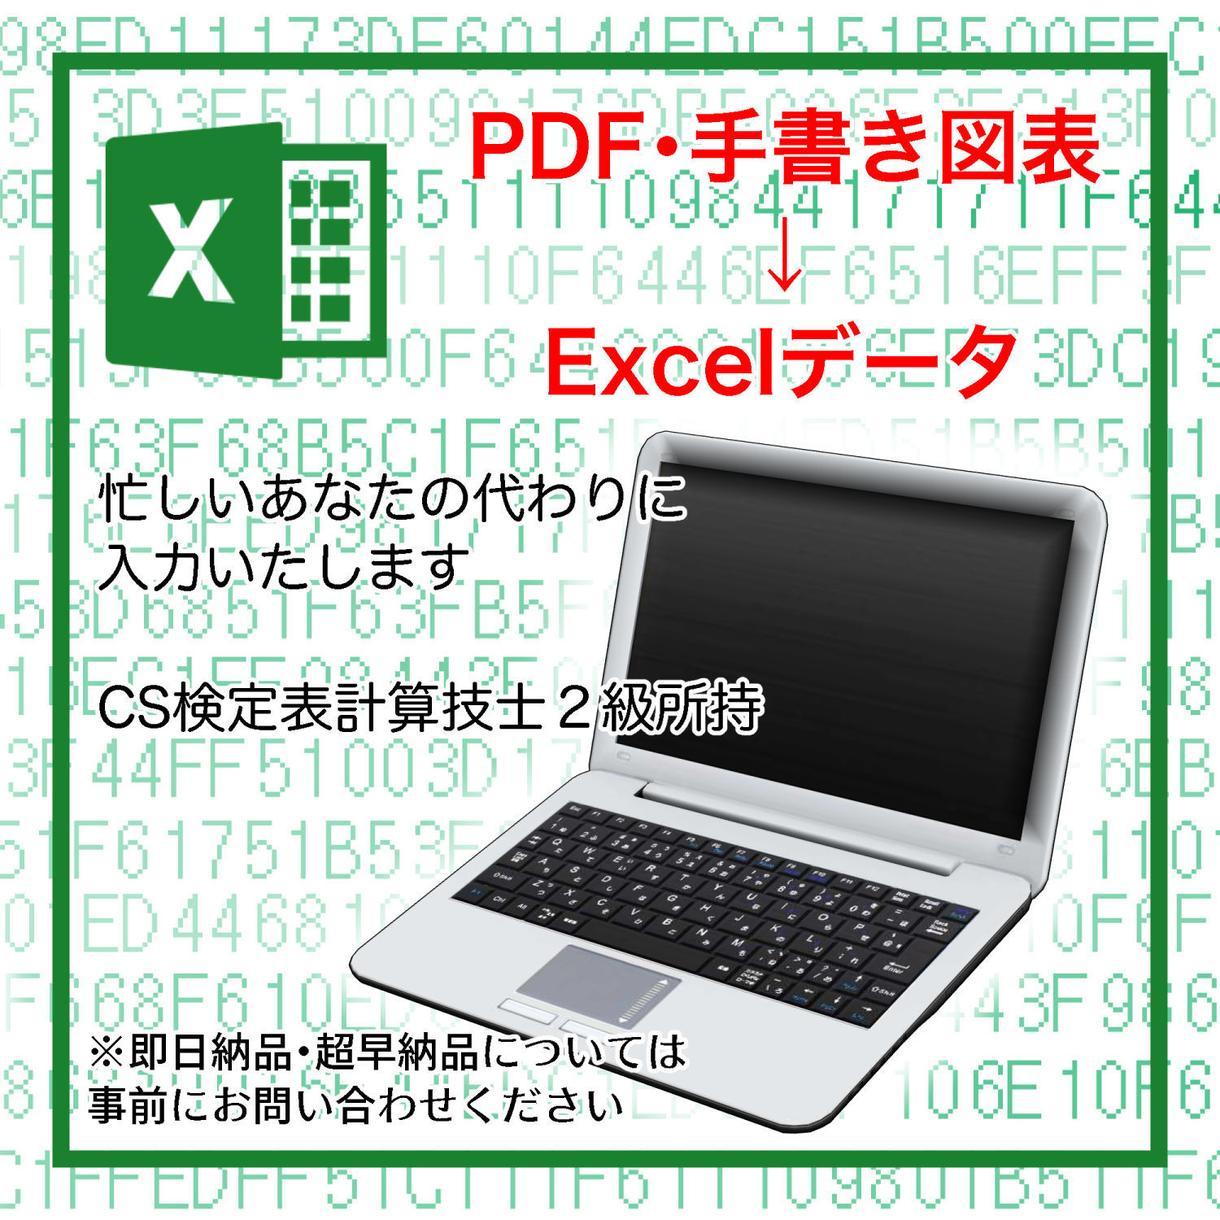 即日可*Excelデータの入力代行致します 表計算技士2級の資格所持者の私が、あなたの代わりになります イメージ1